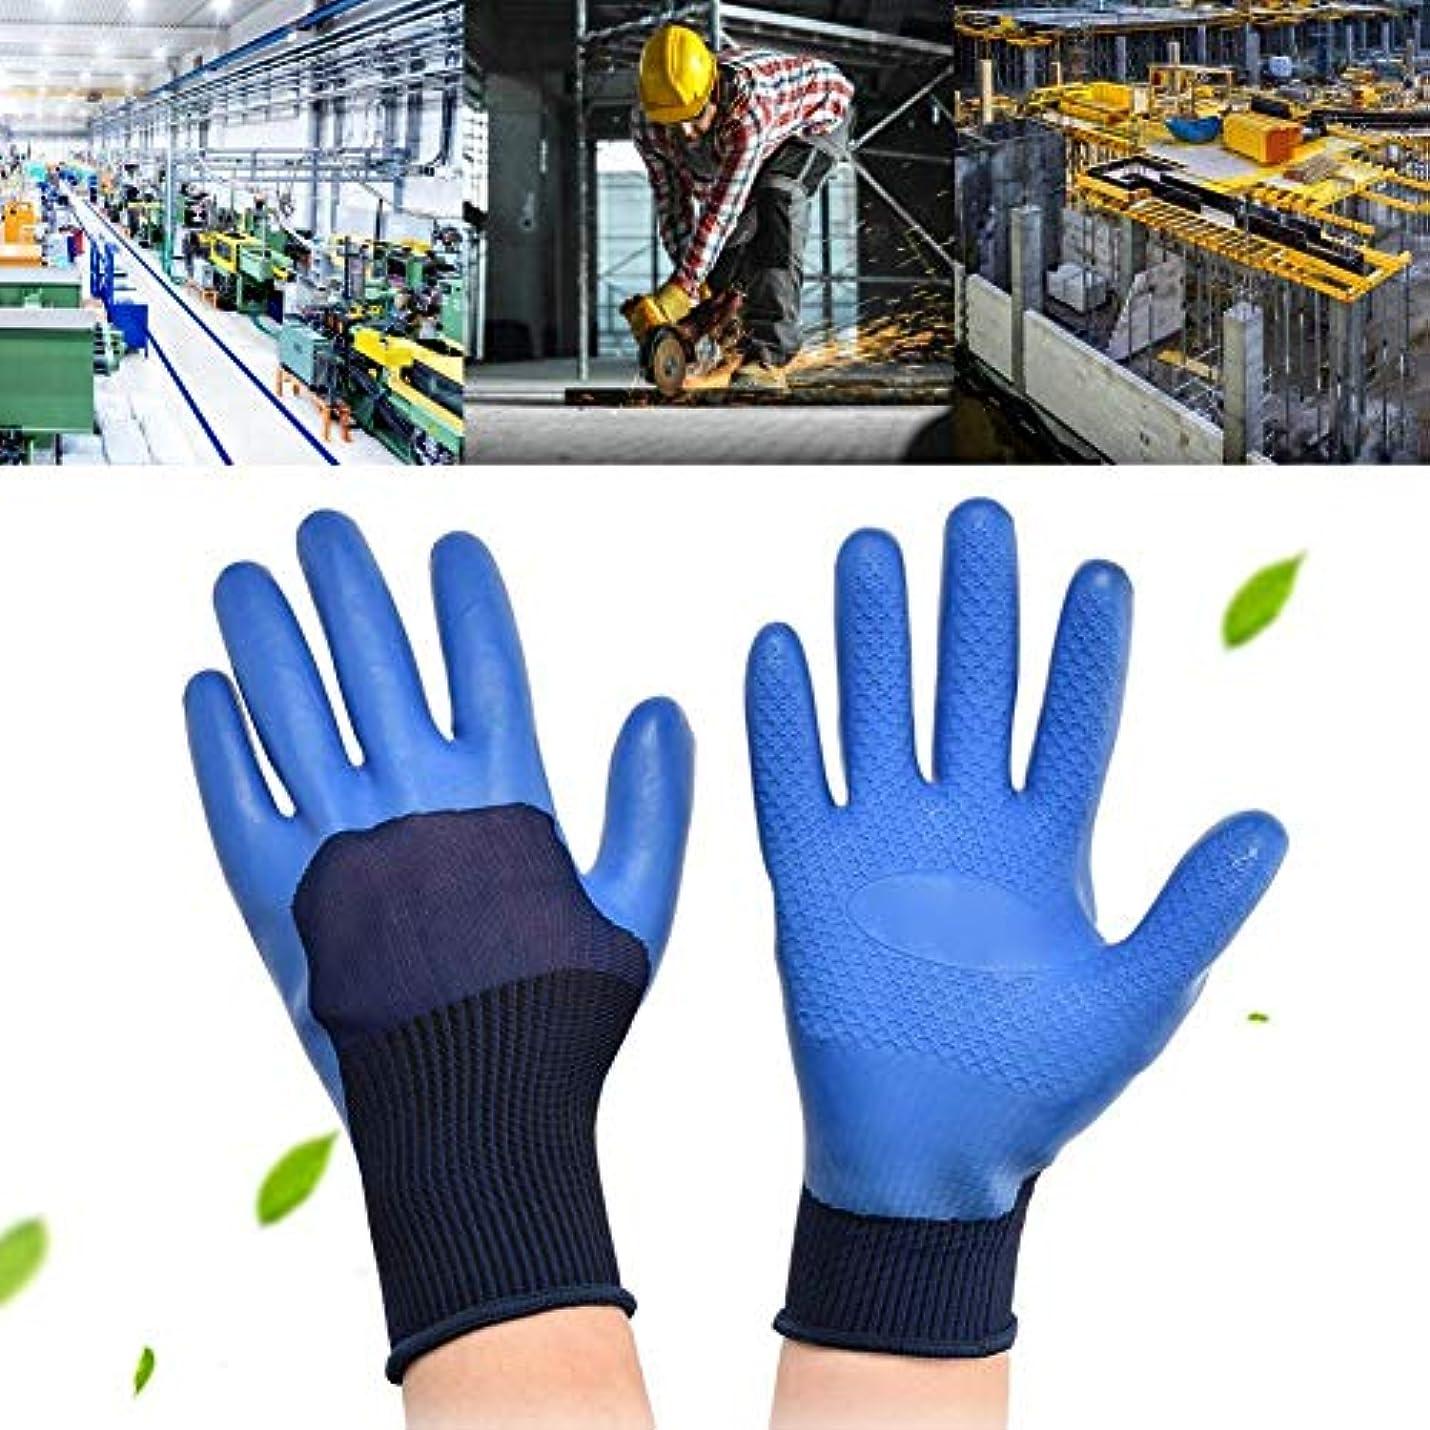 呼び出す暗唱する動揺させる作業用手袋、滑り止めラテックス労働保護手袋、耐摩耗性防水安全手袋, 滑り止めラテックス労働保護作業用手袋の耐摩耗性防水安全手袋